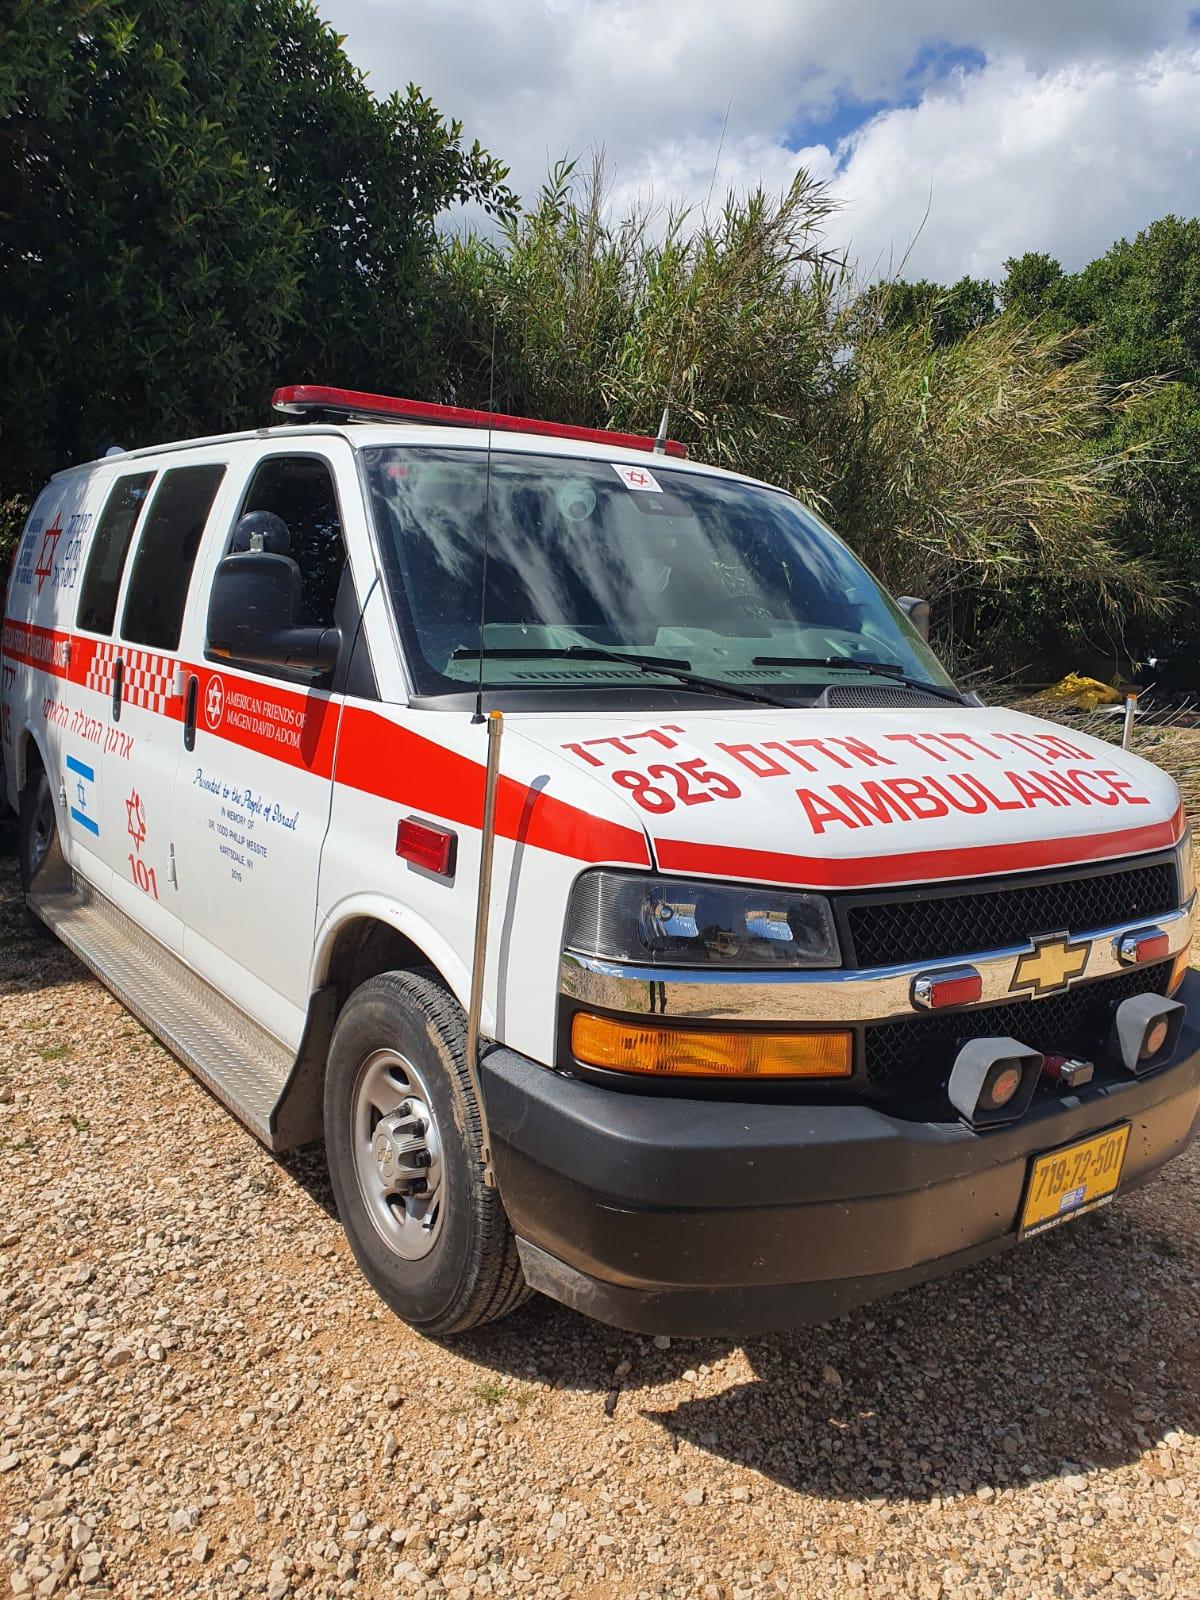 משרד הבריאות ביטל תוספת תקני הפעלה לאמבולנסים בגליל העליון